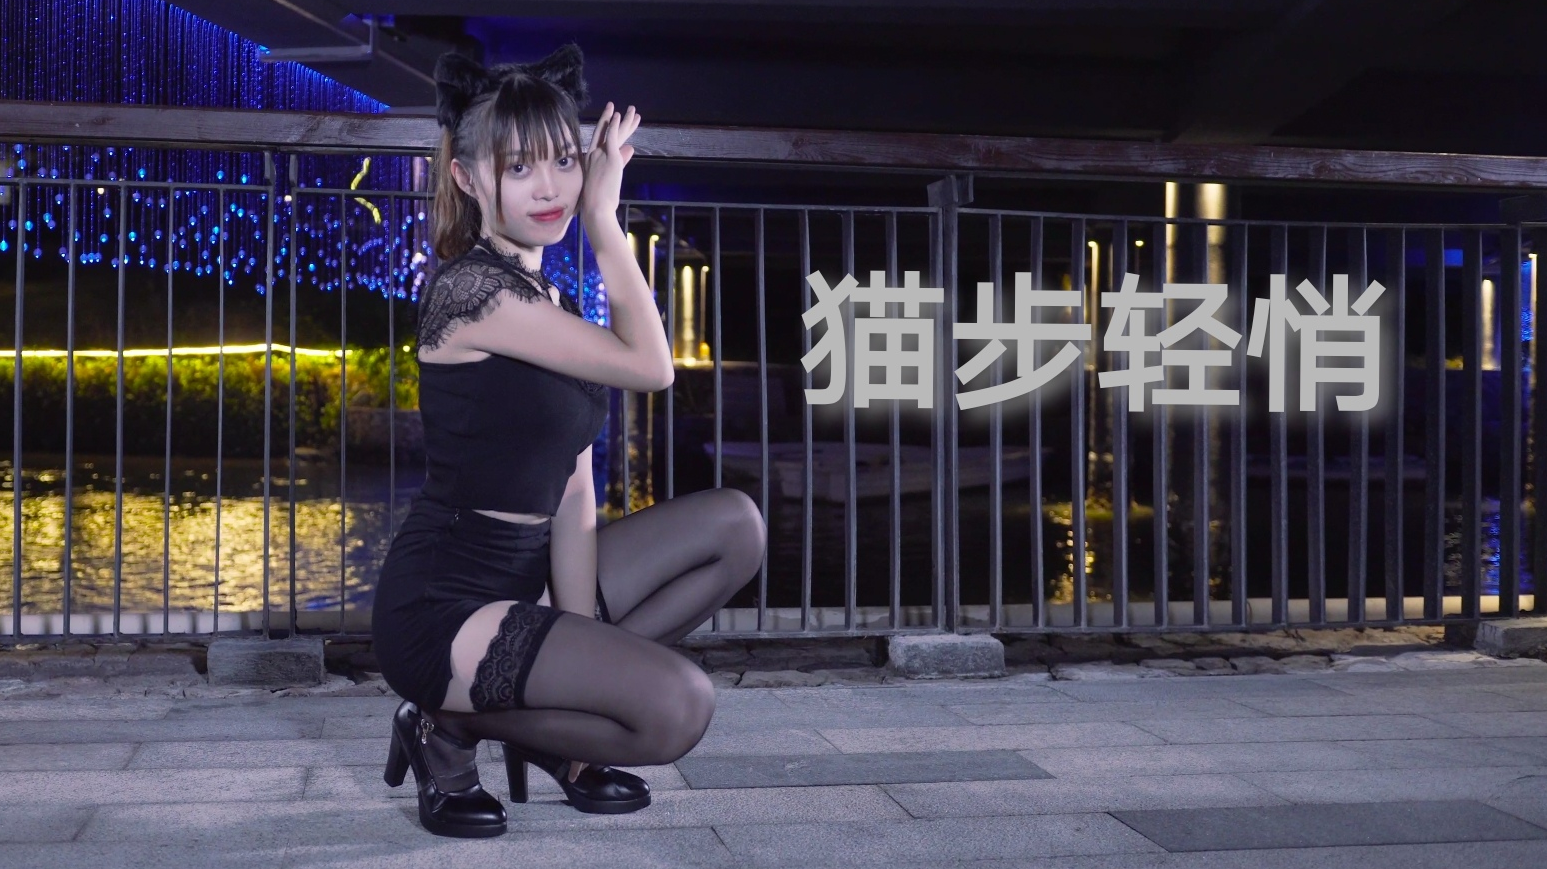 【凛曦月】性感挠人小野猫♡AOA猫步轻悄/Like a cat♡